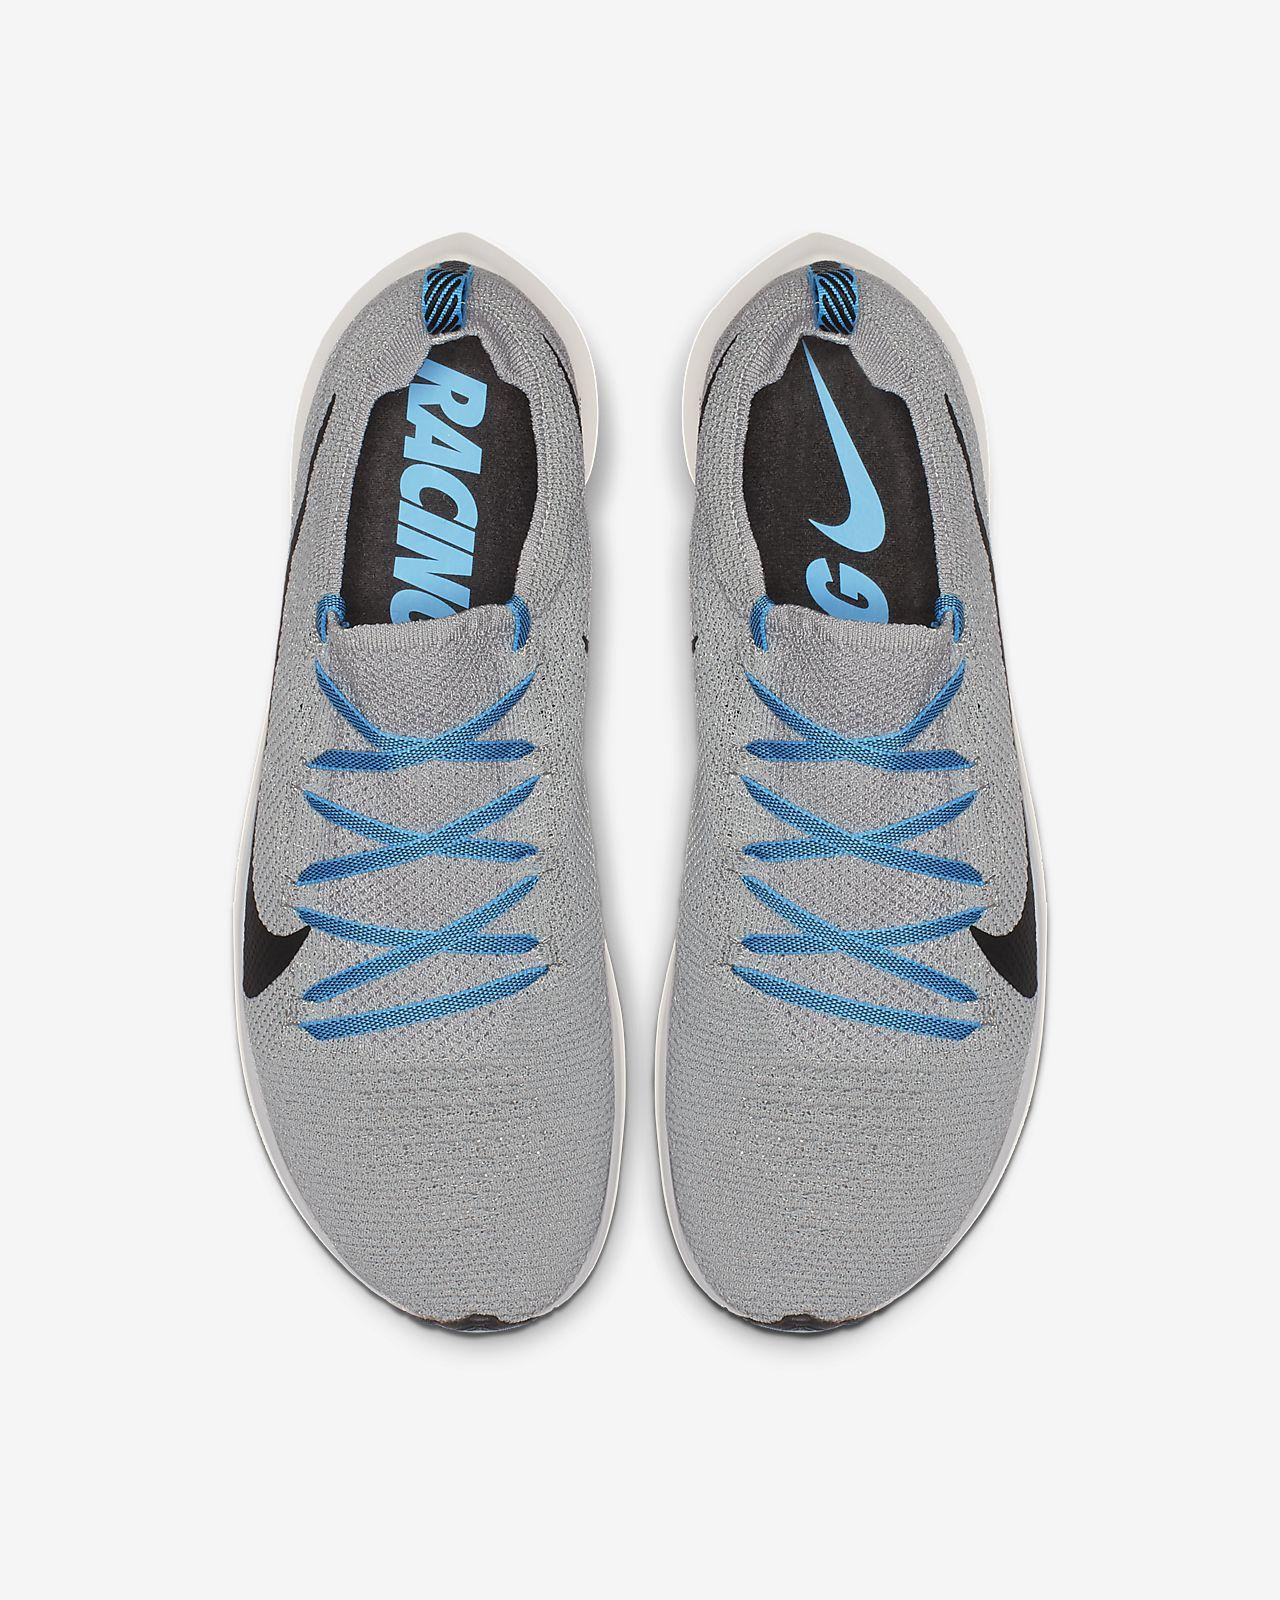 online store 14329 7e223 ... Nike Zoom Fly Flyknit Zapatillas de running - Hombre